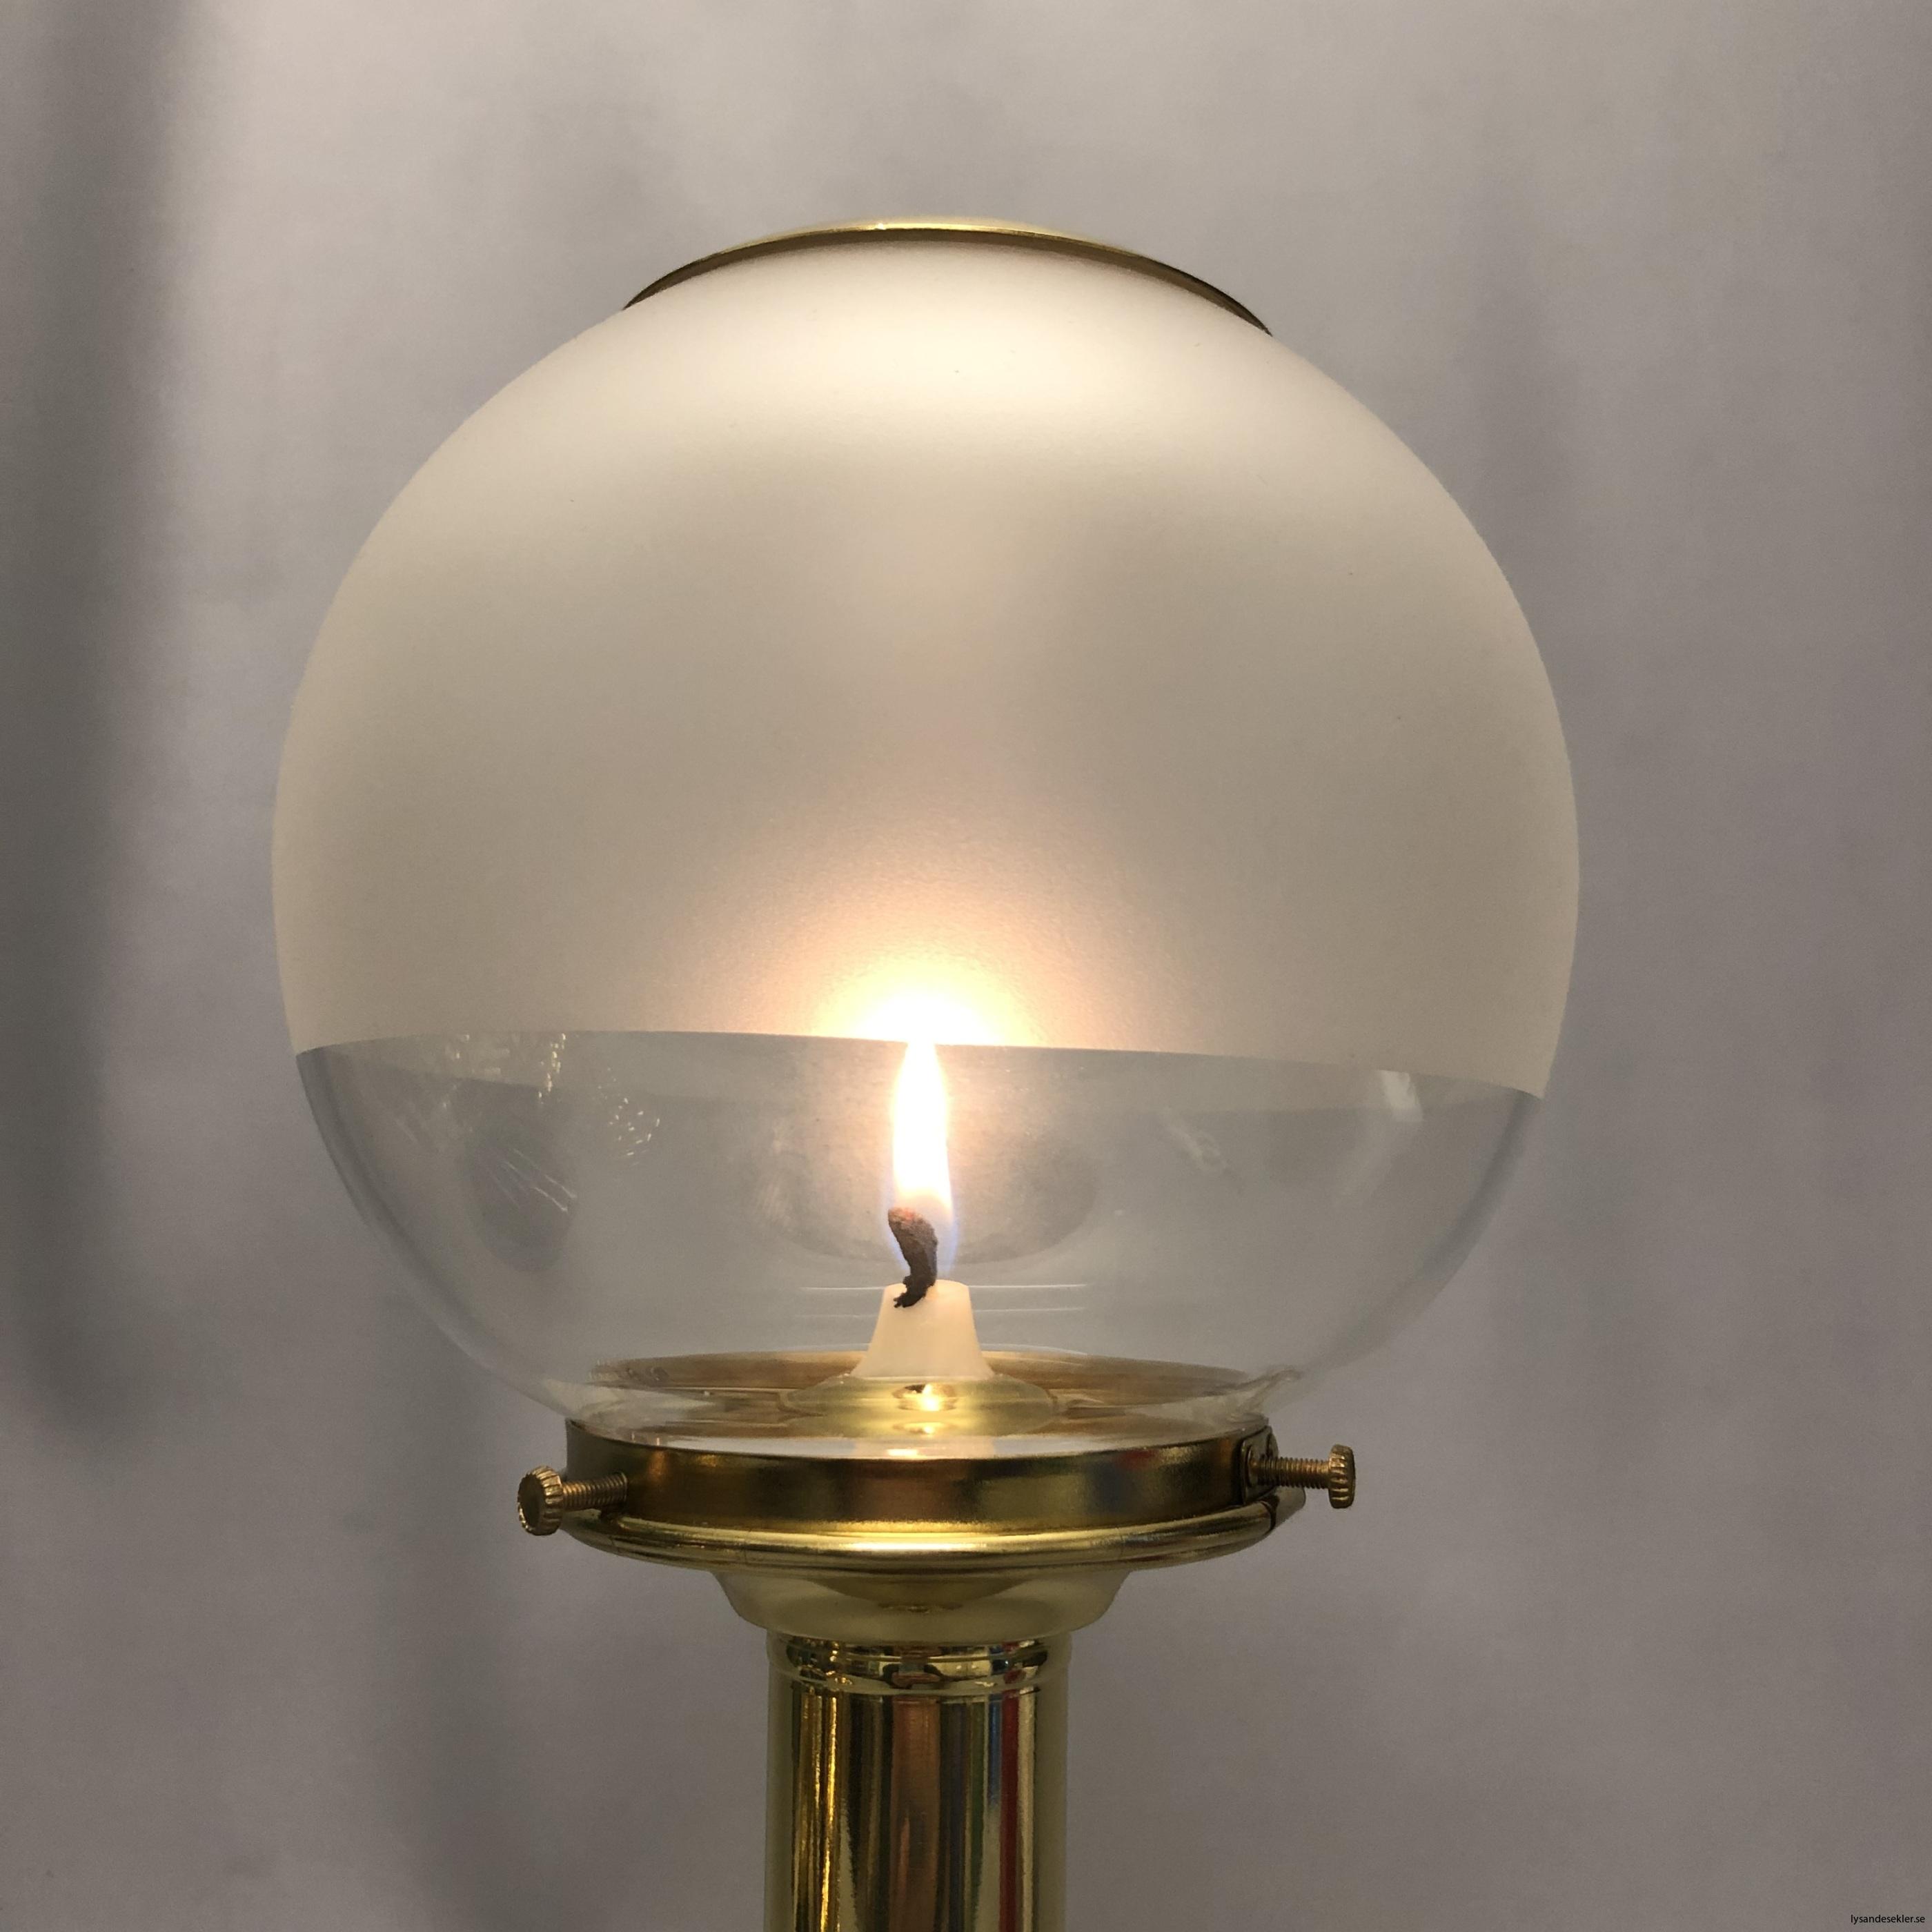 135 mm klotkupa med mässinstopp halvfrostad fotogenlampskupa3